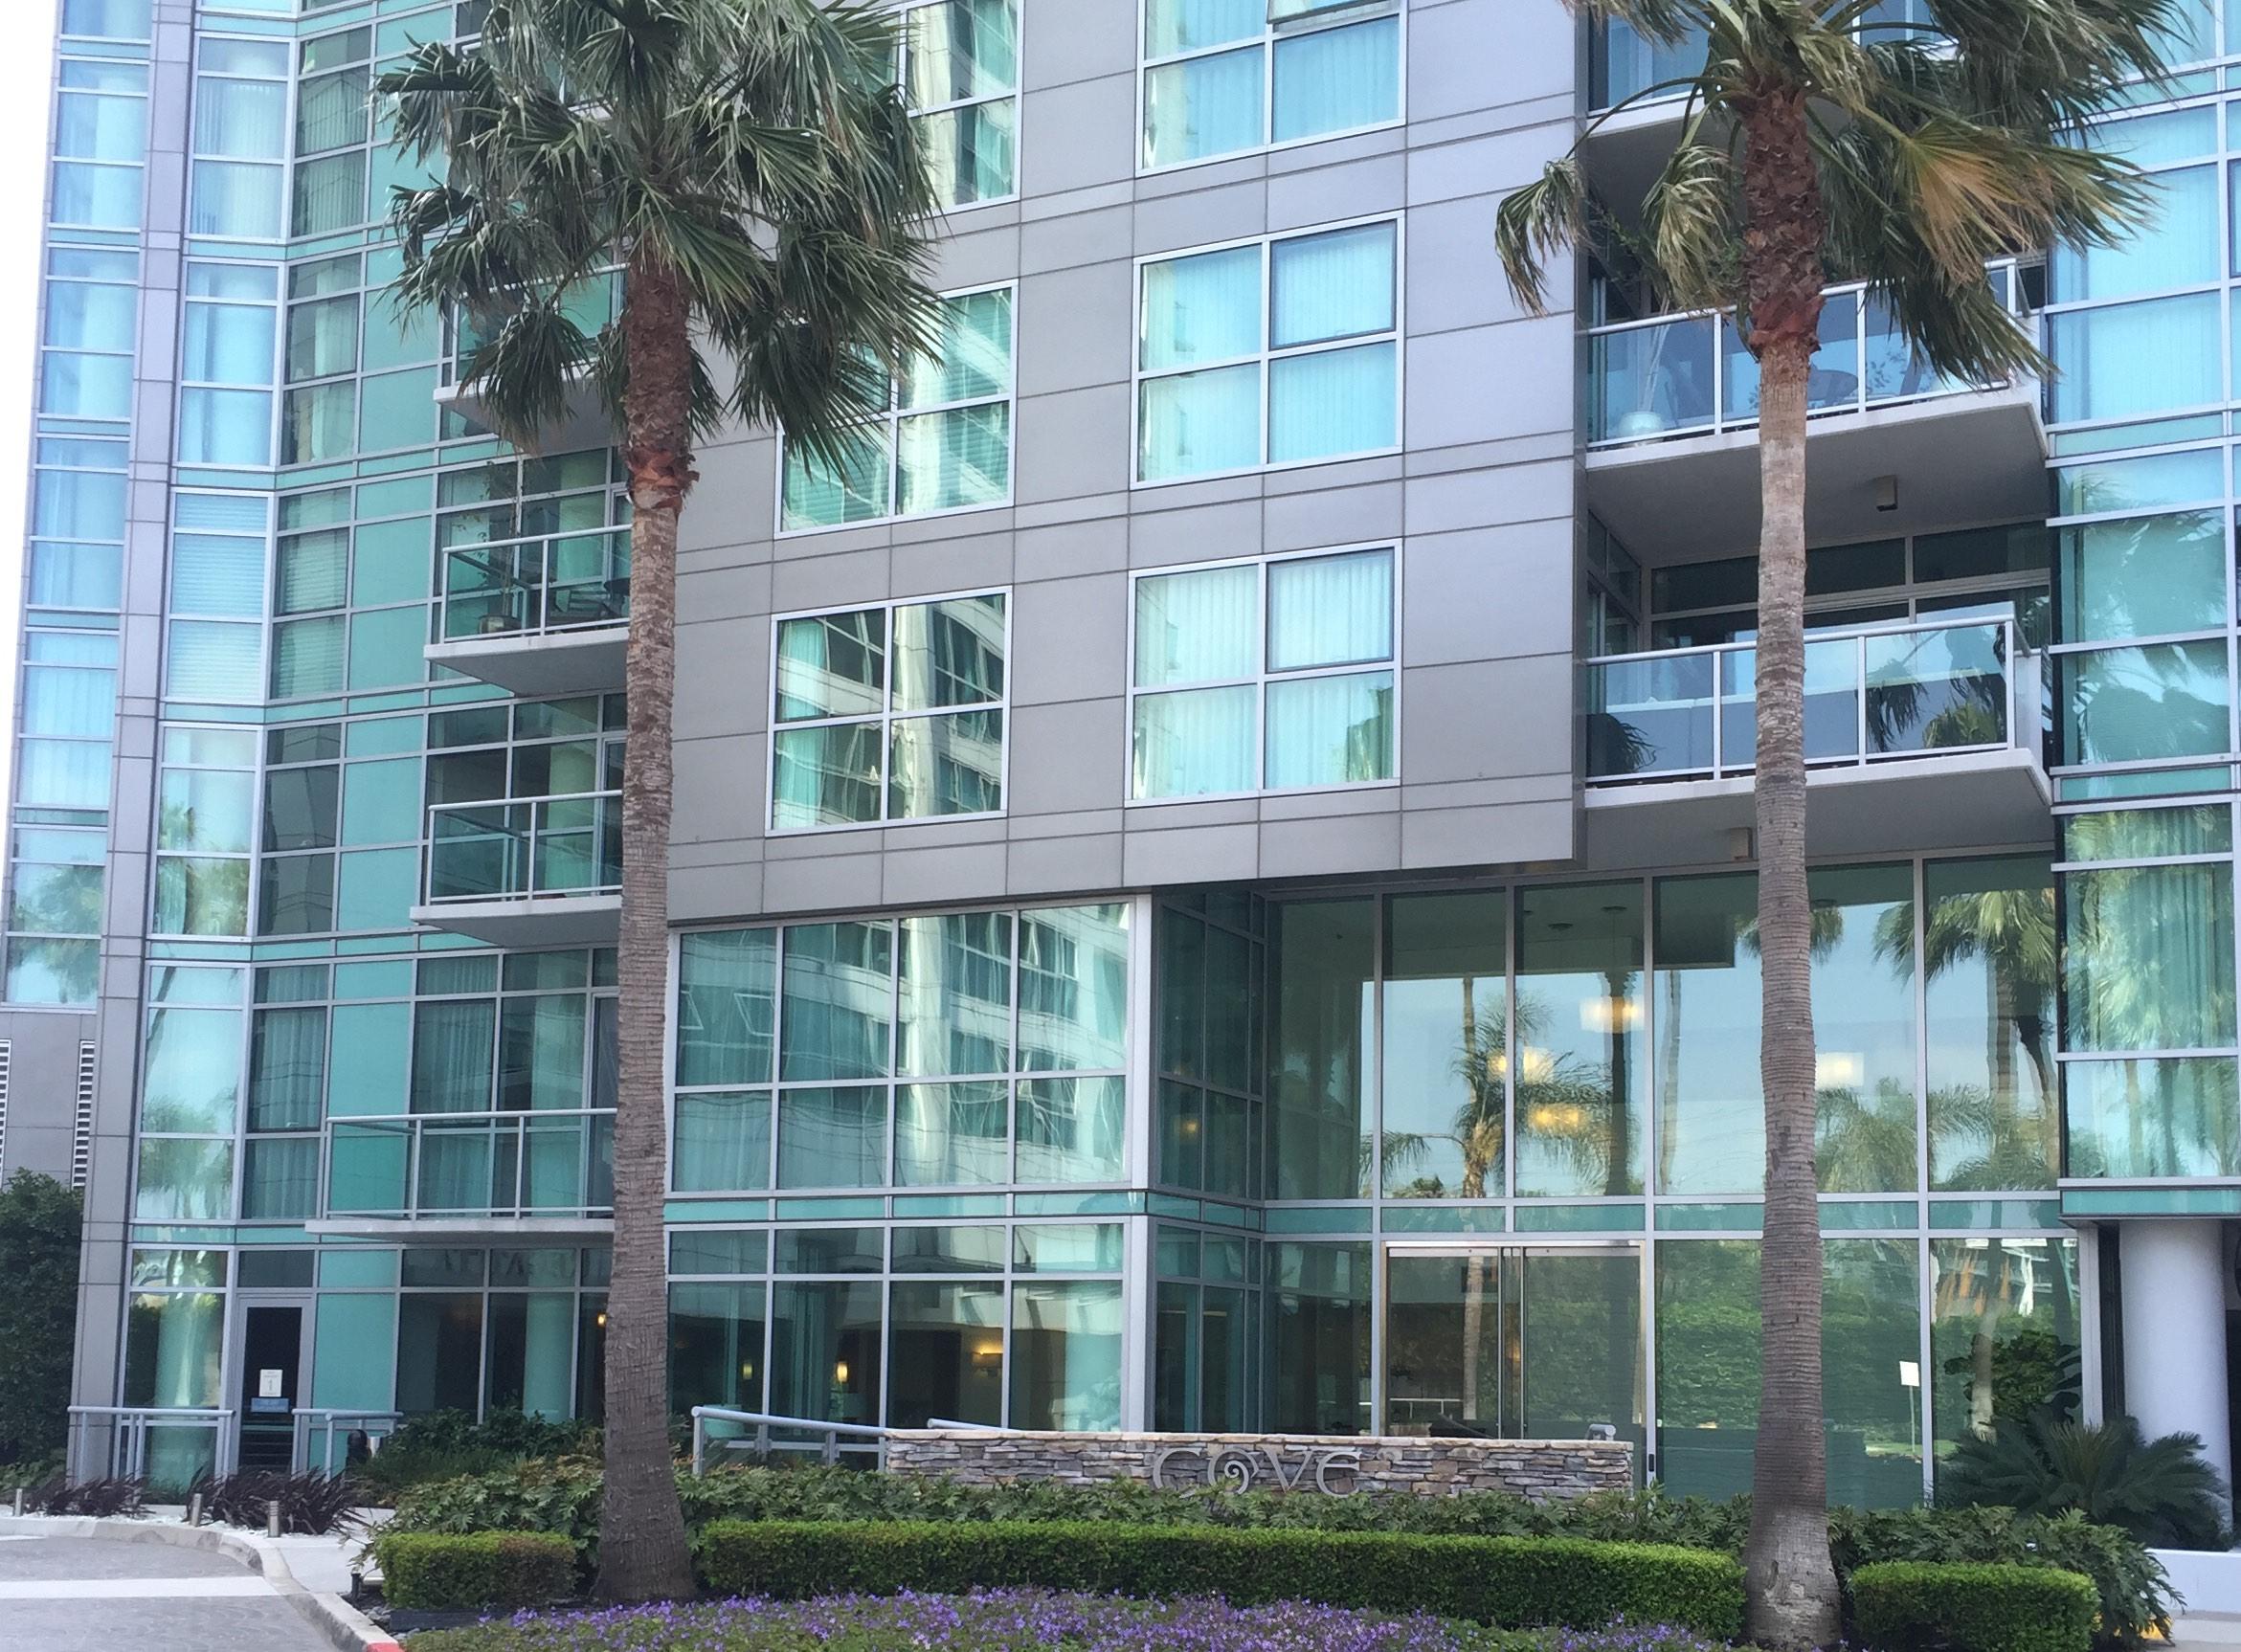 The Cove - Luxury Condos at The Cove Condo building Marina del Rey